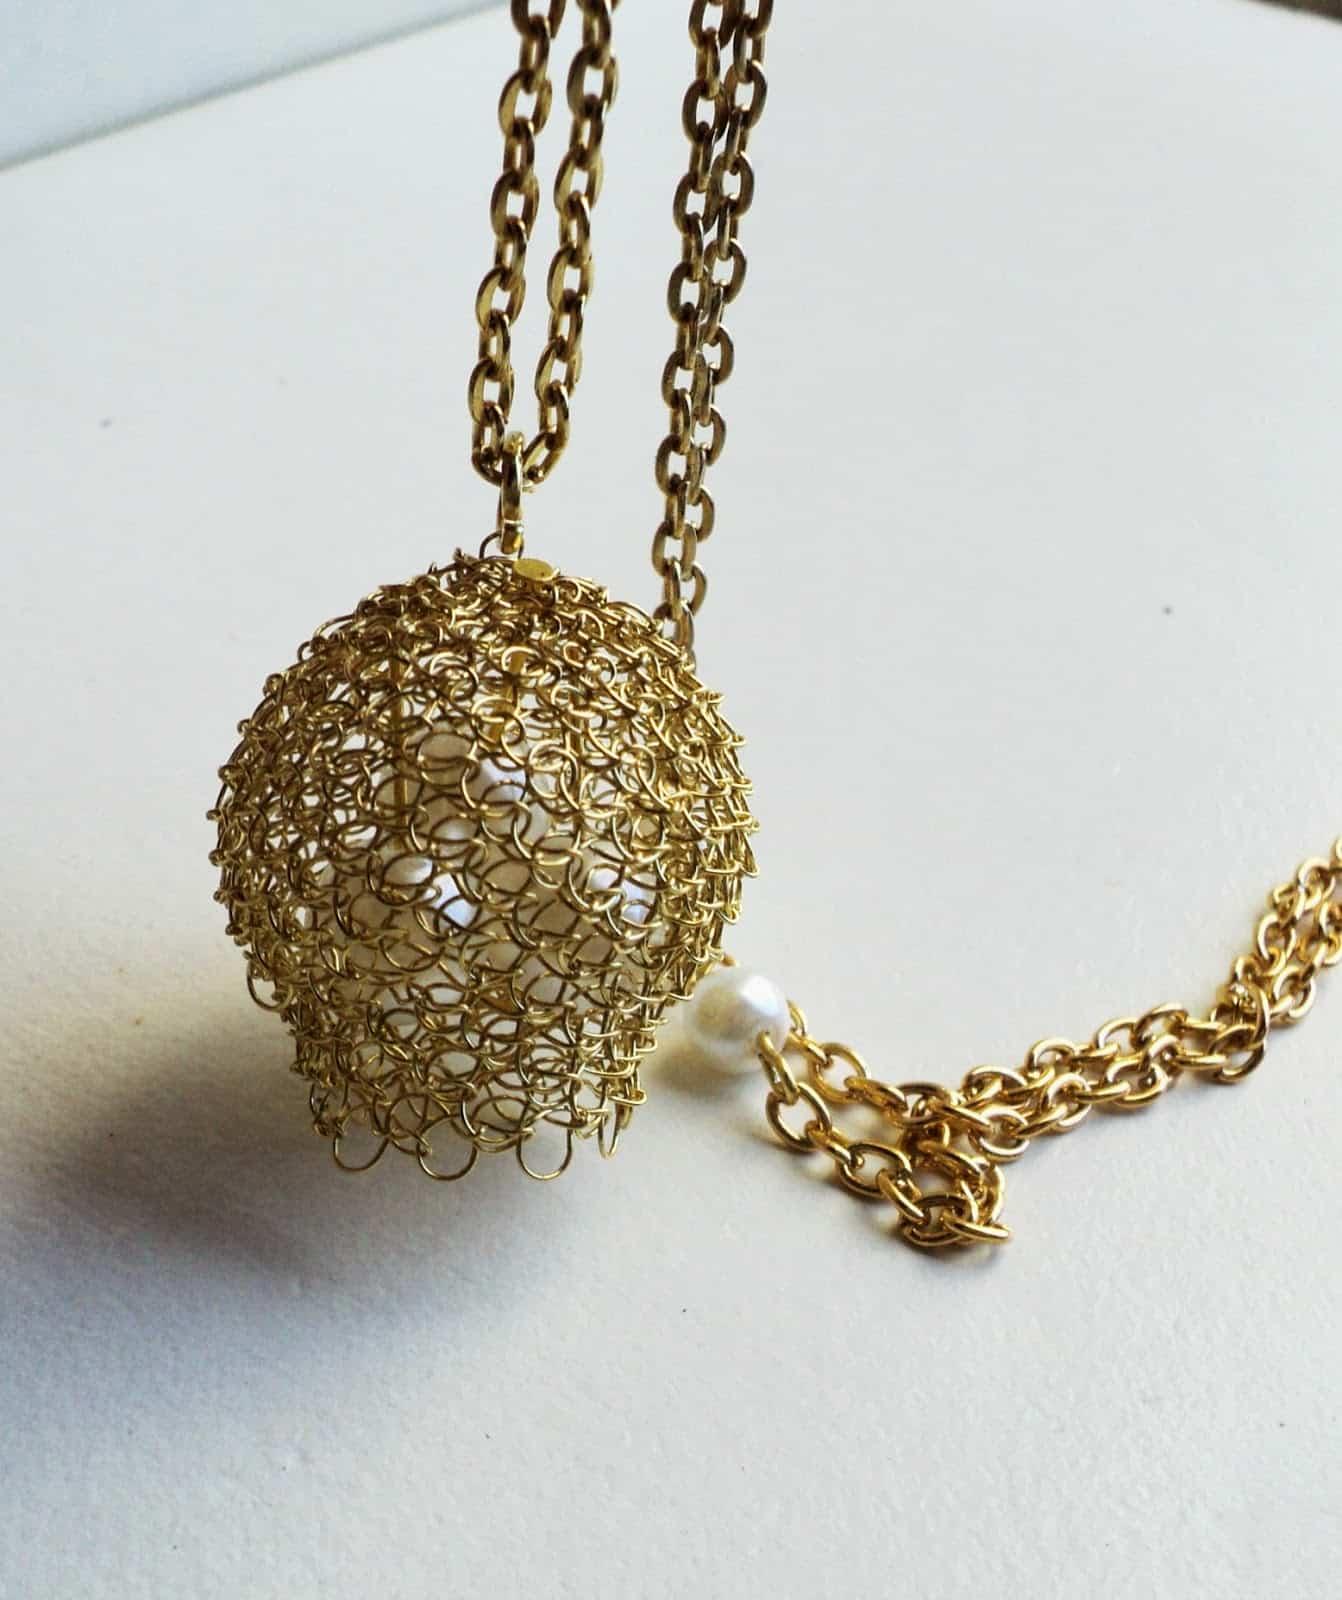 colgante de alambre de oro pajaro tejedor weaver tres cuatro